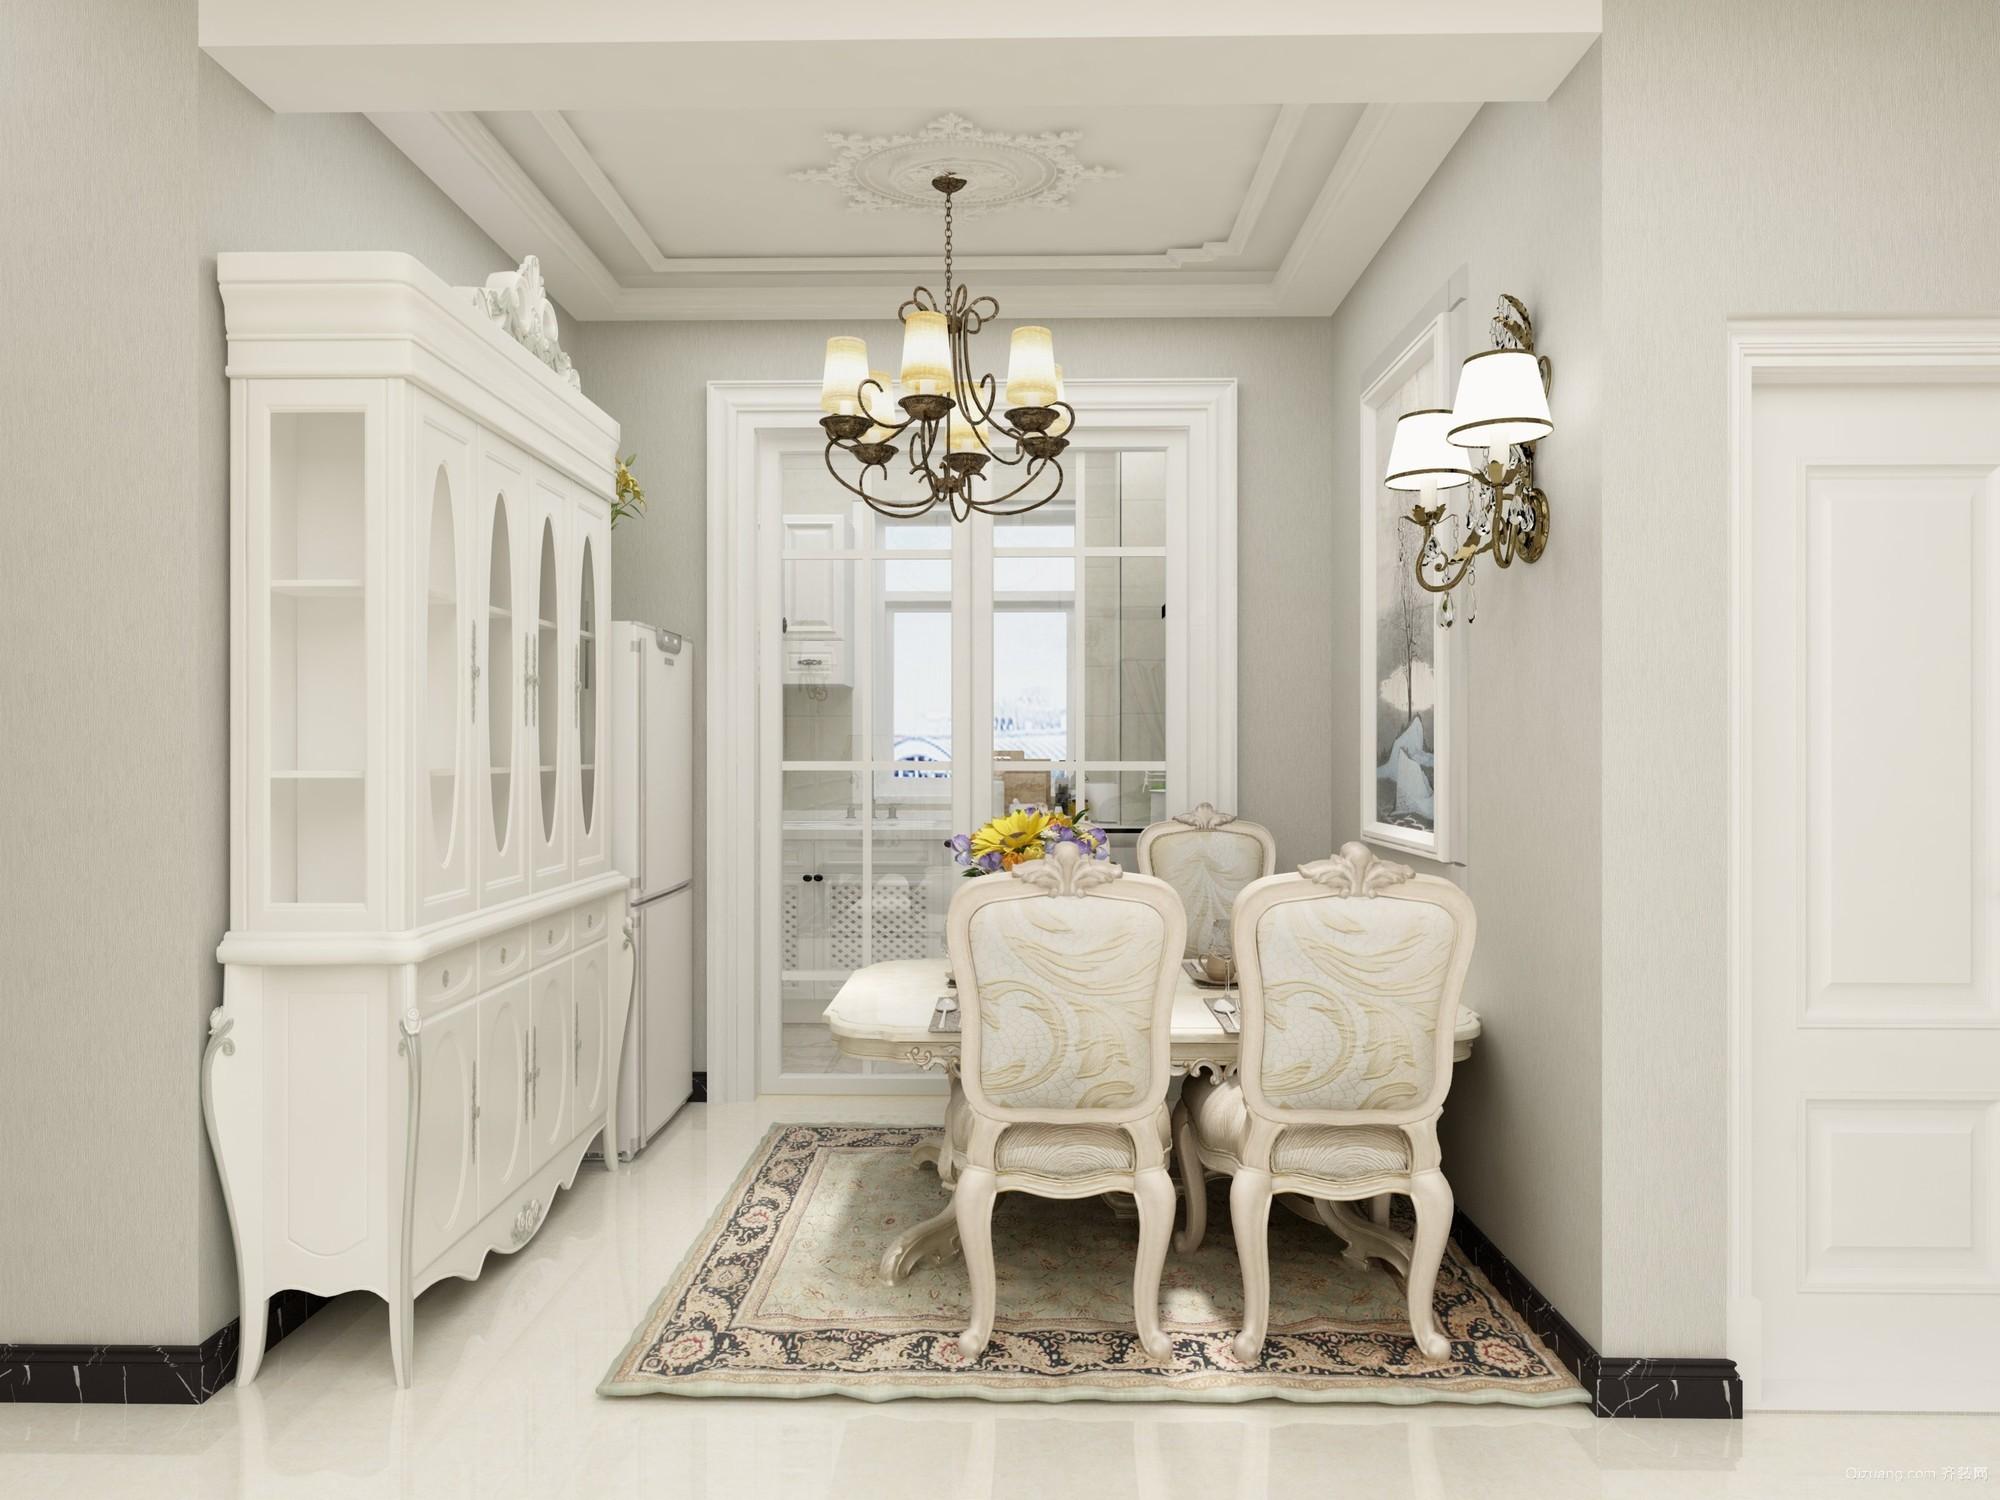 116平米简约户型现代普通家装装修图片设计-邢集艾室内设计设计的办公室图片